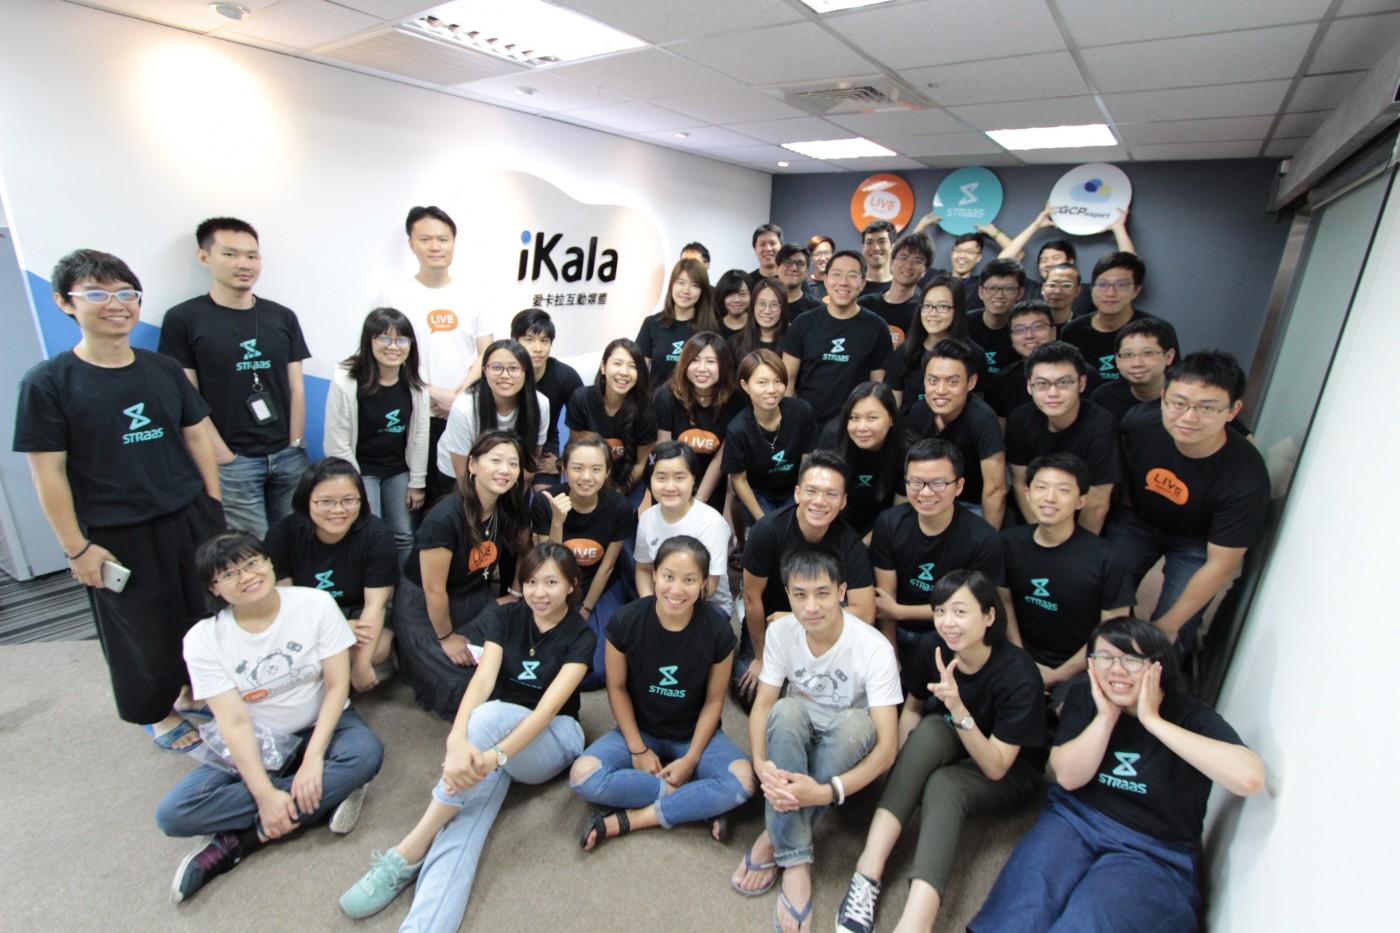 深耕影音行銷及 AI 分析技術,愛卡拉獲選為 Google 技術合作夥伴